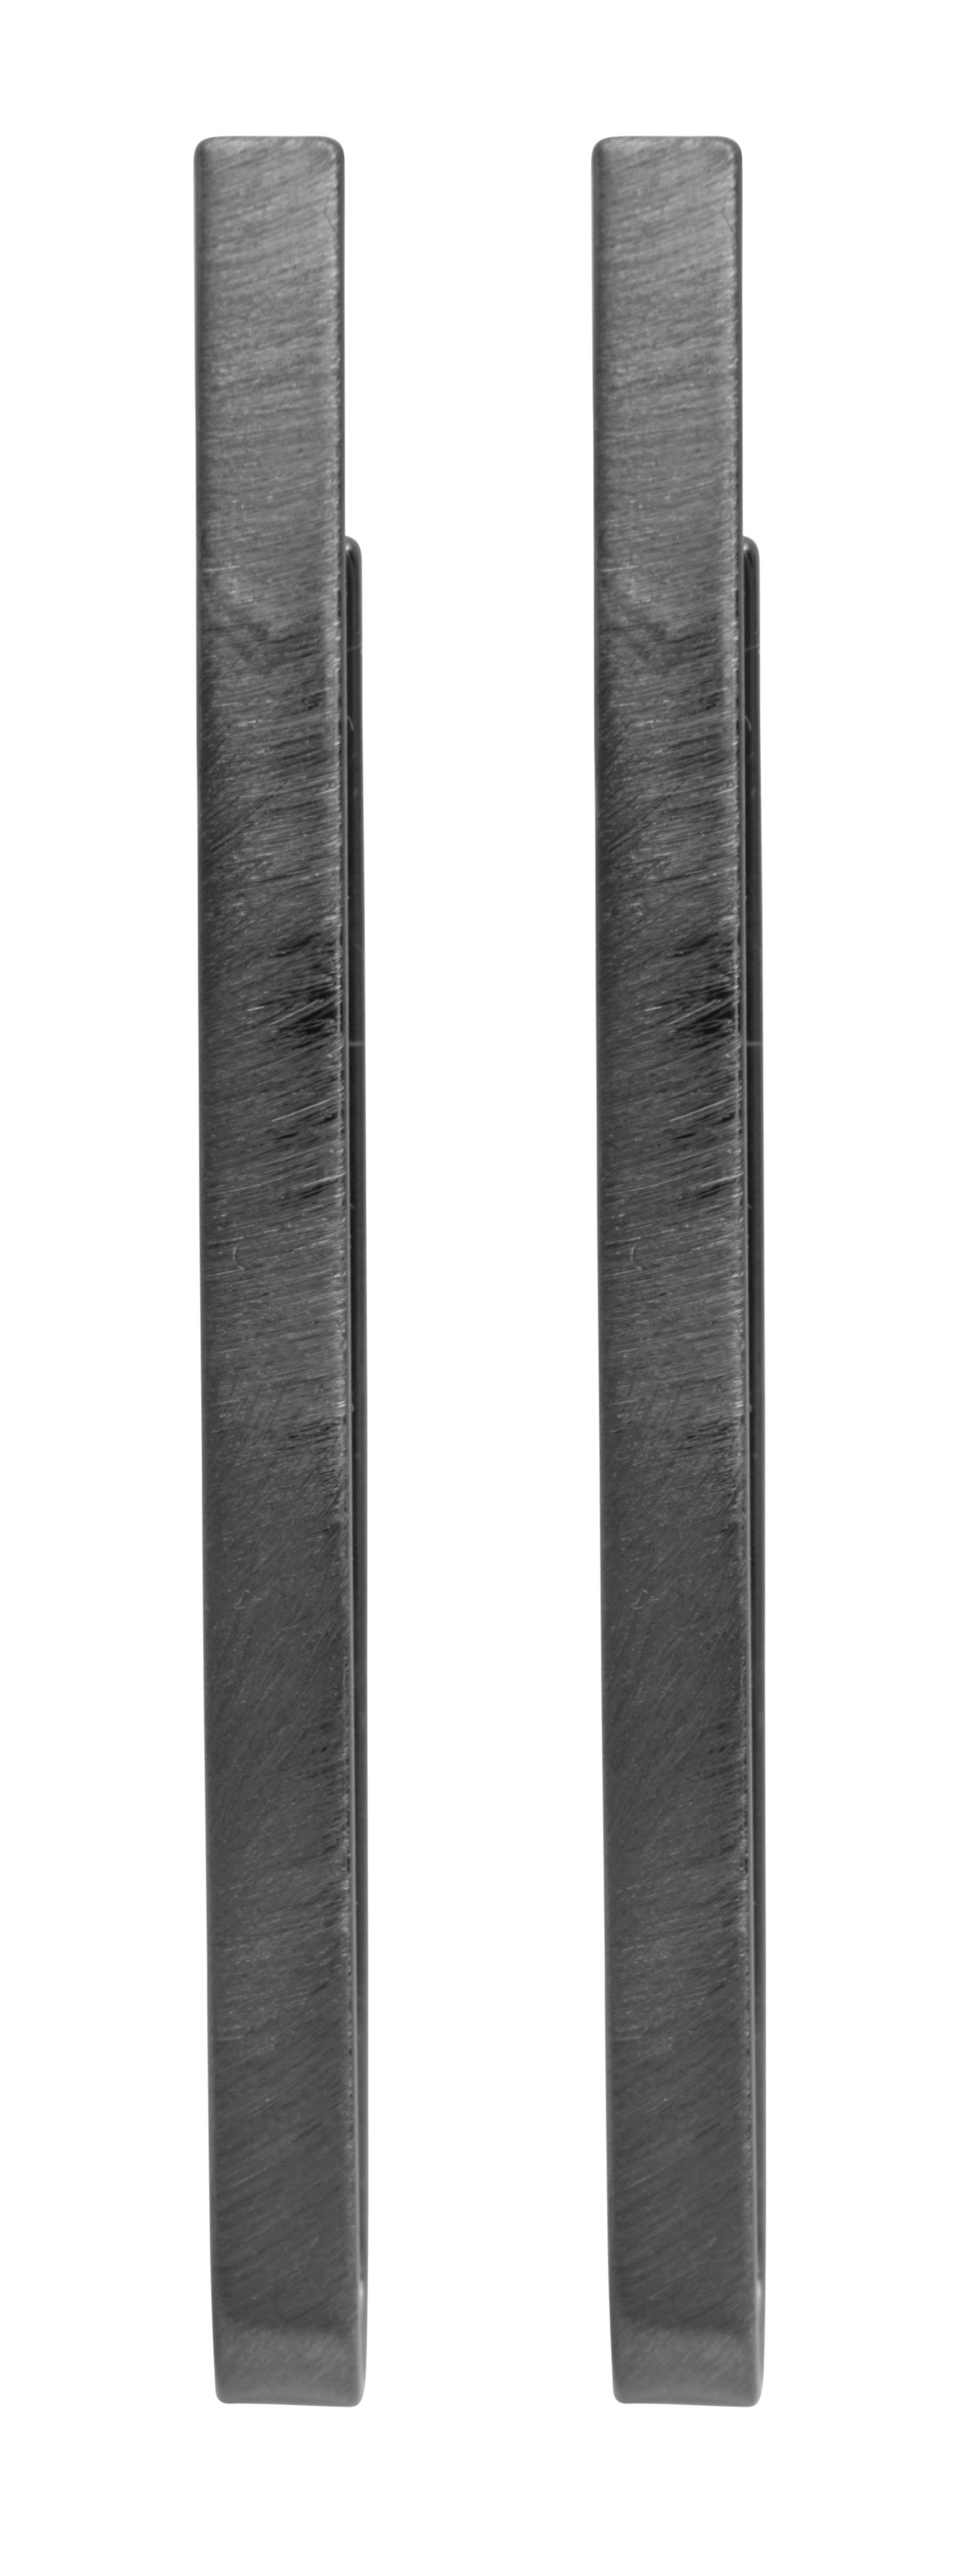 Серьги-петли(3H828)Mix &amp; Match серьги<br>Дания, Dansk Smykkekunst<br><br> Гипоаллергенный сплав, гематитовое покрытие.<br><br>Длина серег 5,5 см<br>